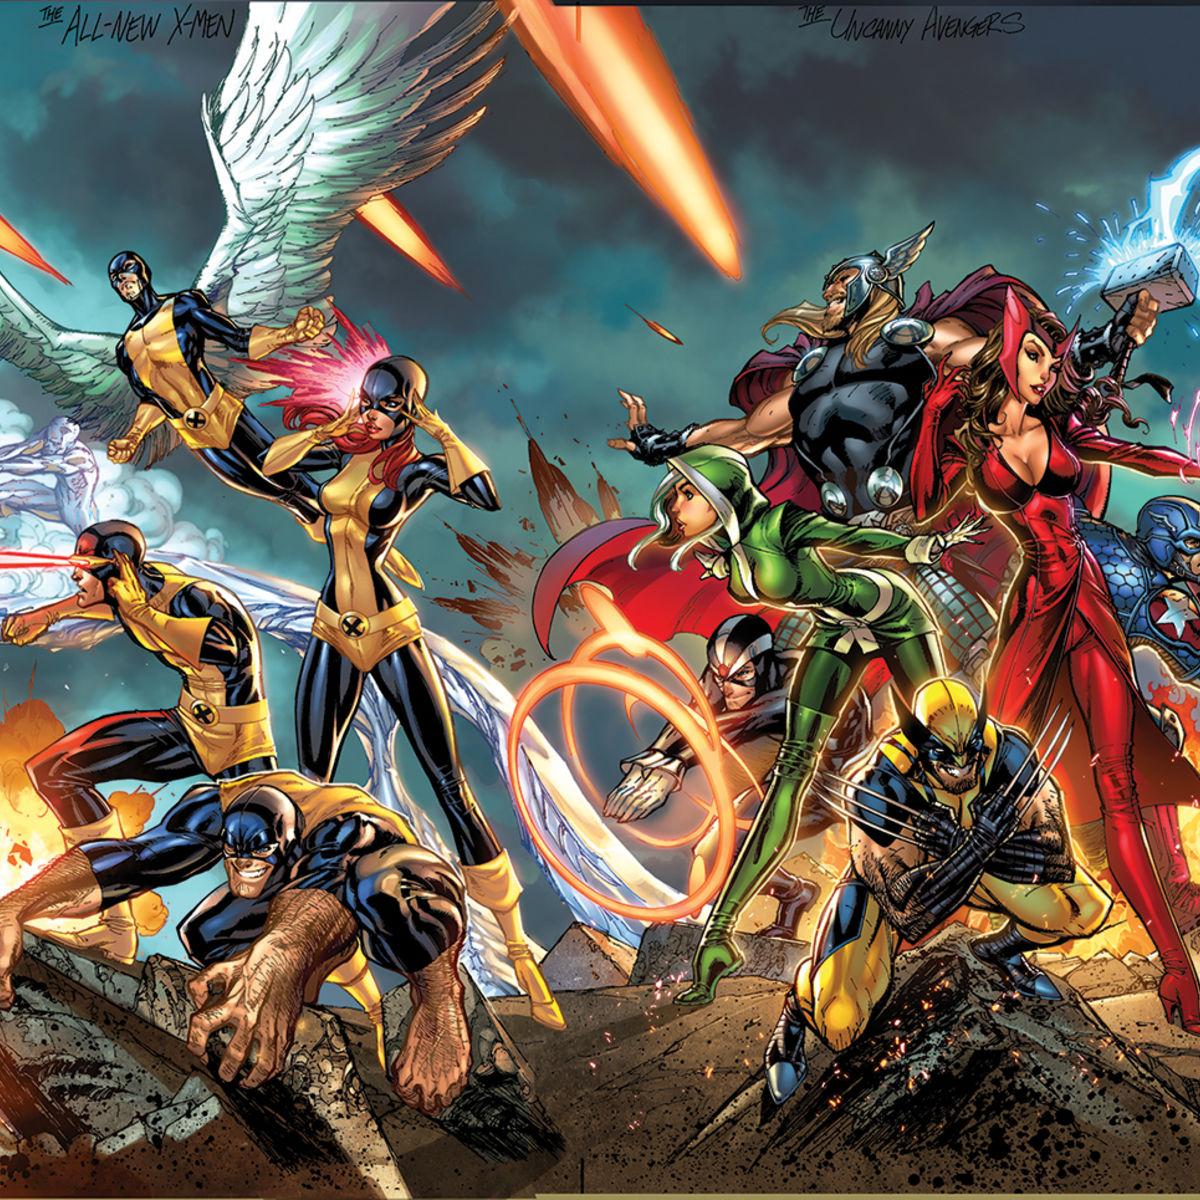 Uncanny-Avengers-X-Men.jpg